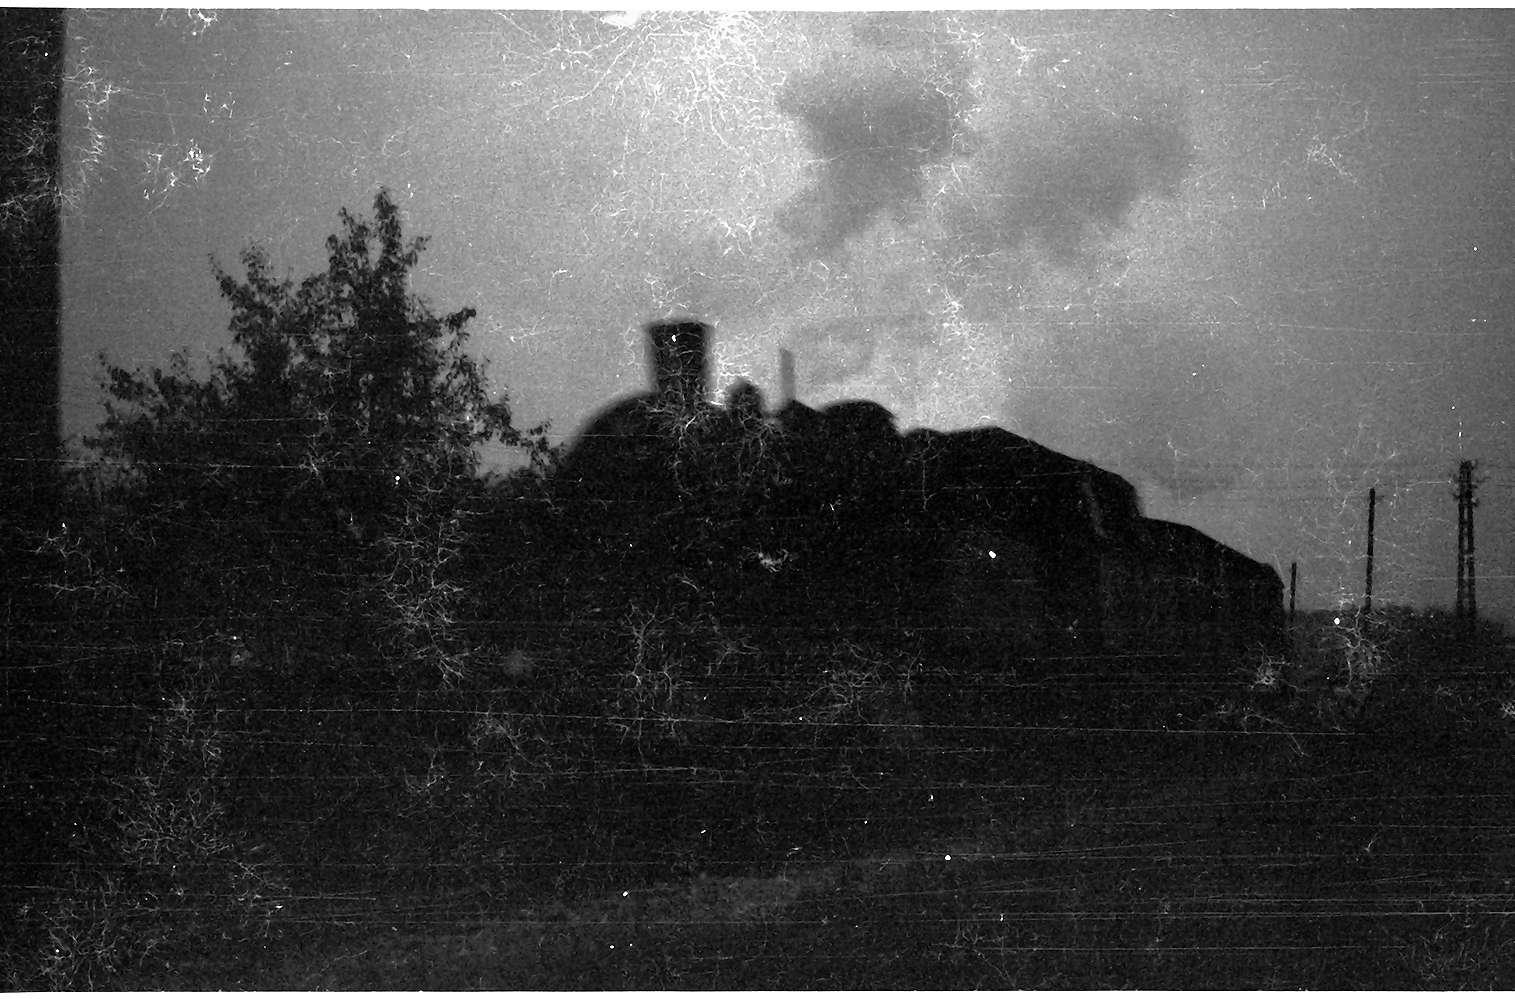 Lok 15 in der Abenddämmerung in Laucherthal, Bild 1